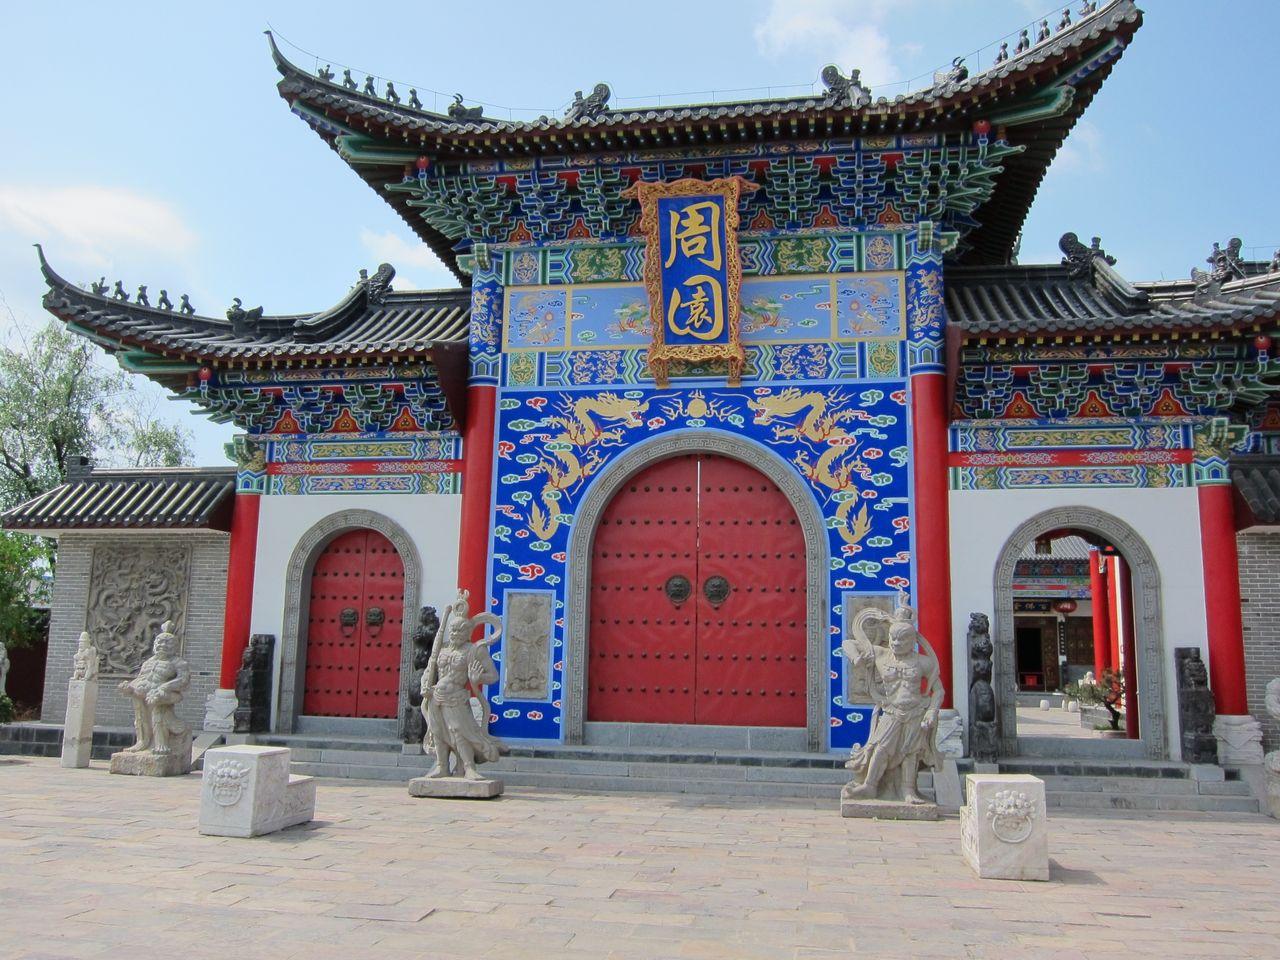 【南京】北京看故宫 南京看周园